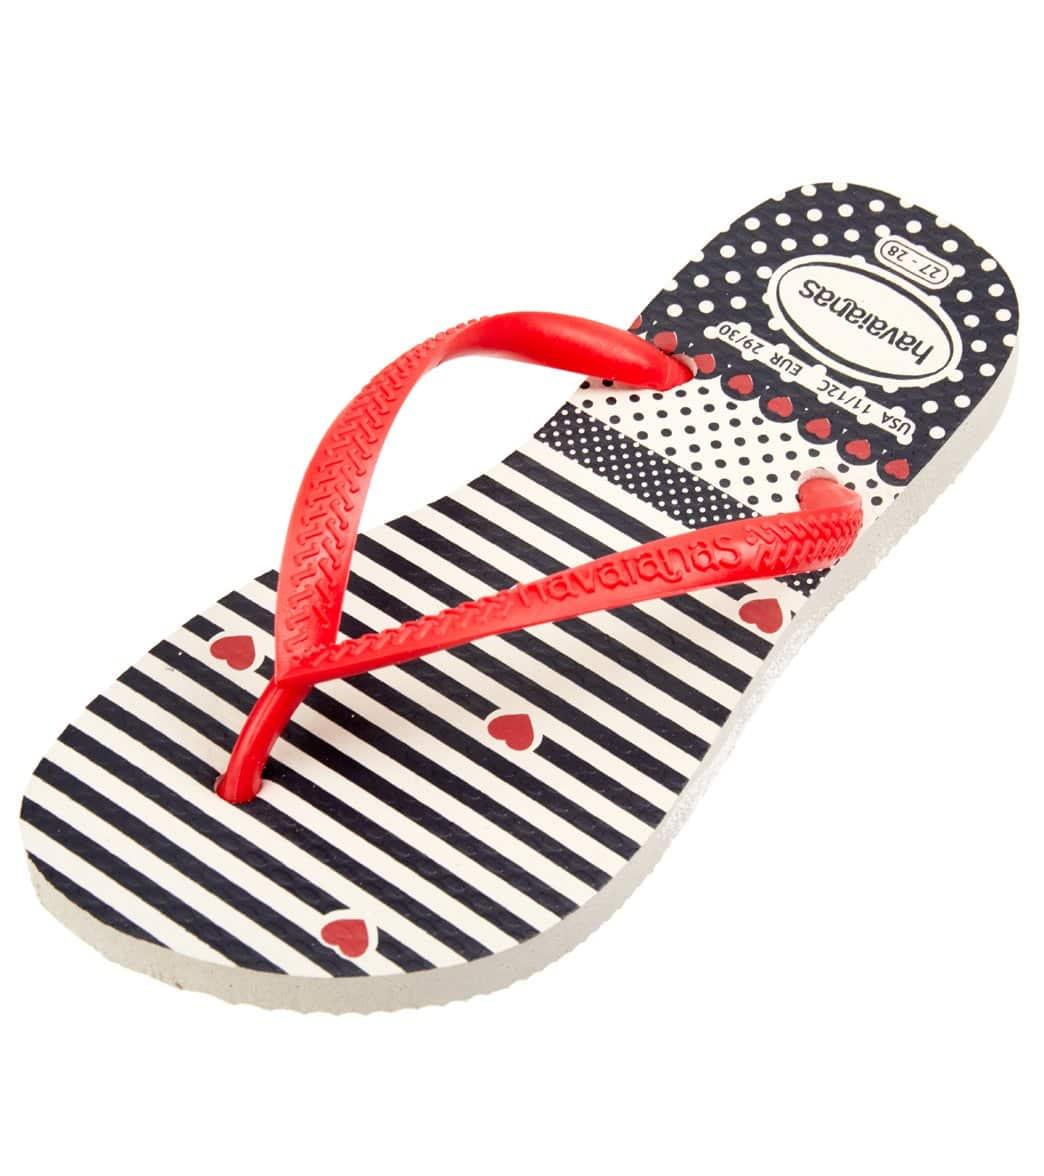 3f40fb4feb59 Havaianas Girls  Slim Fashion Flip Flop (Toddler